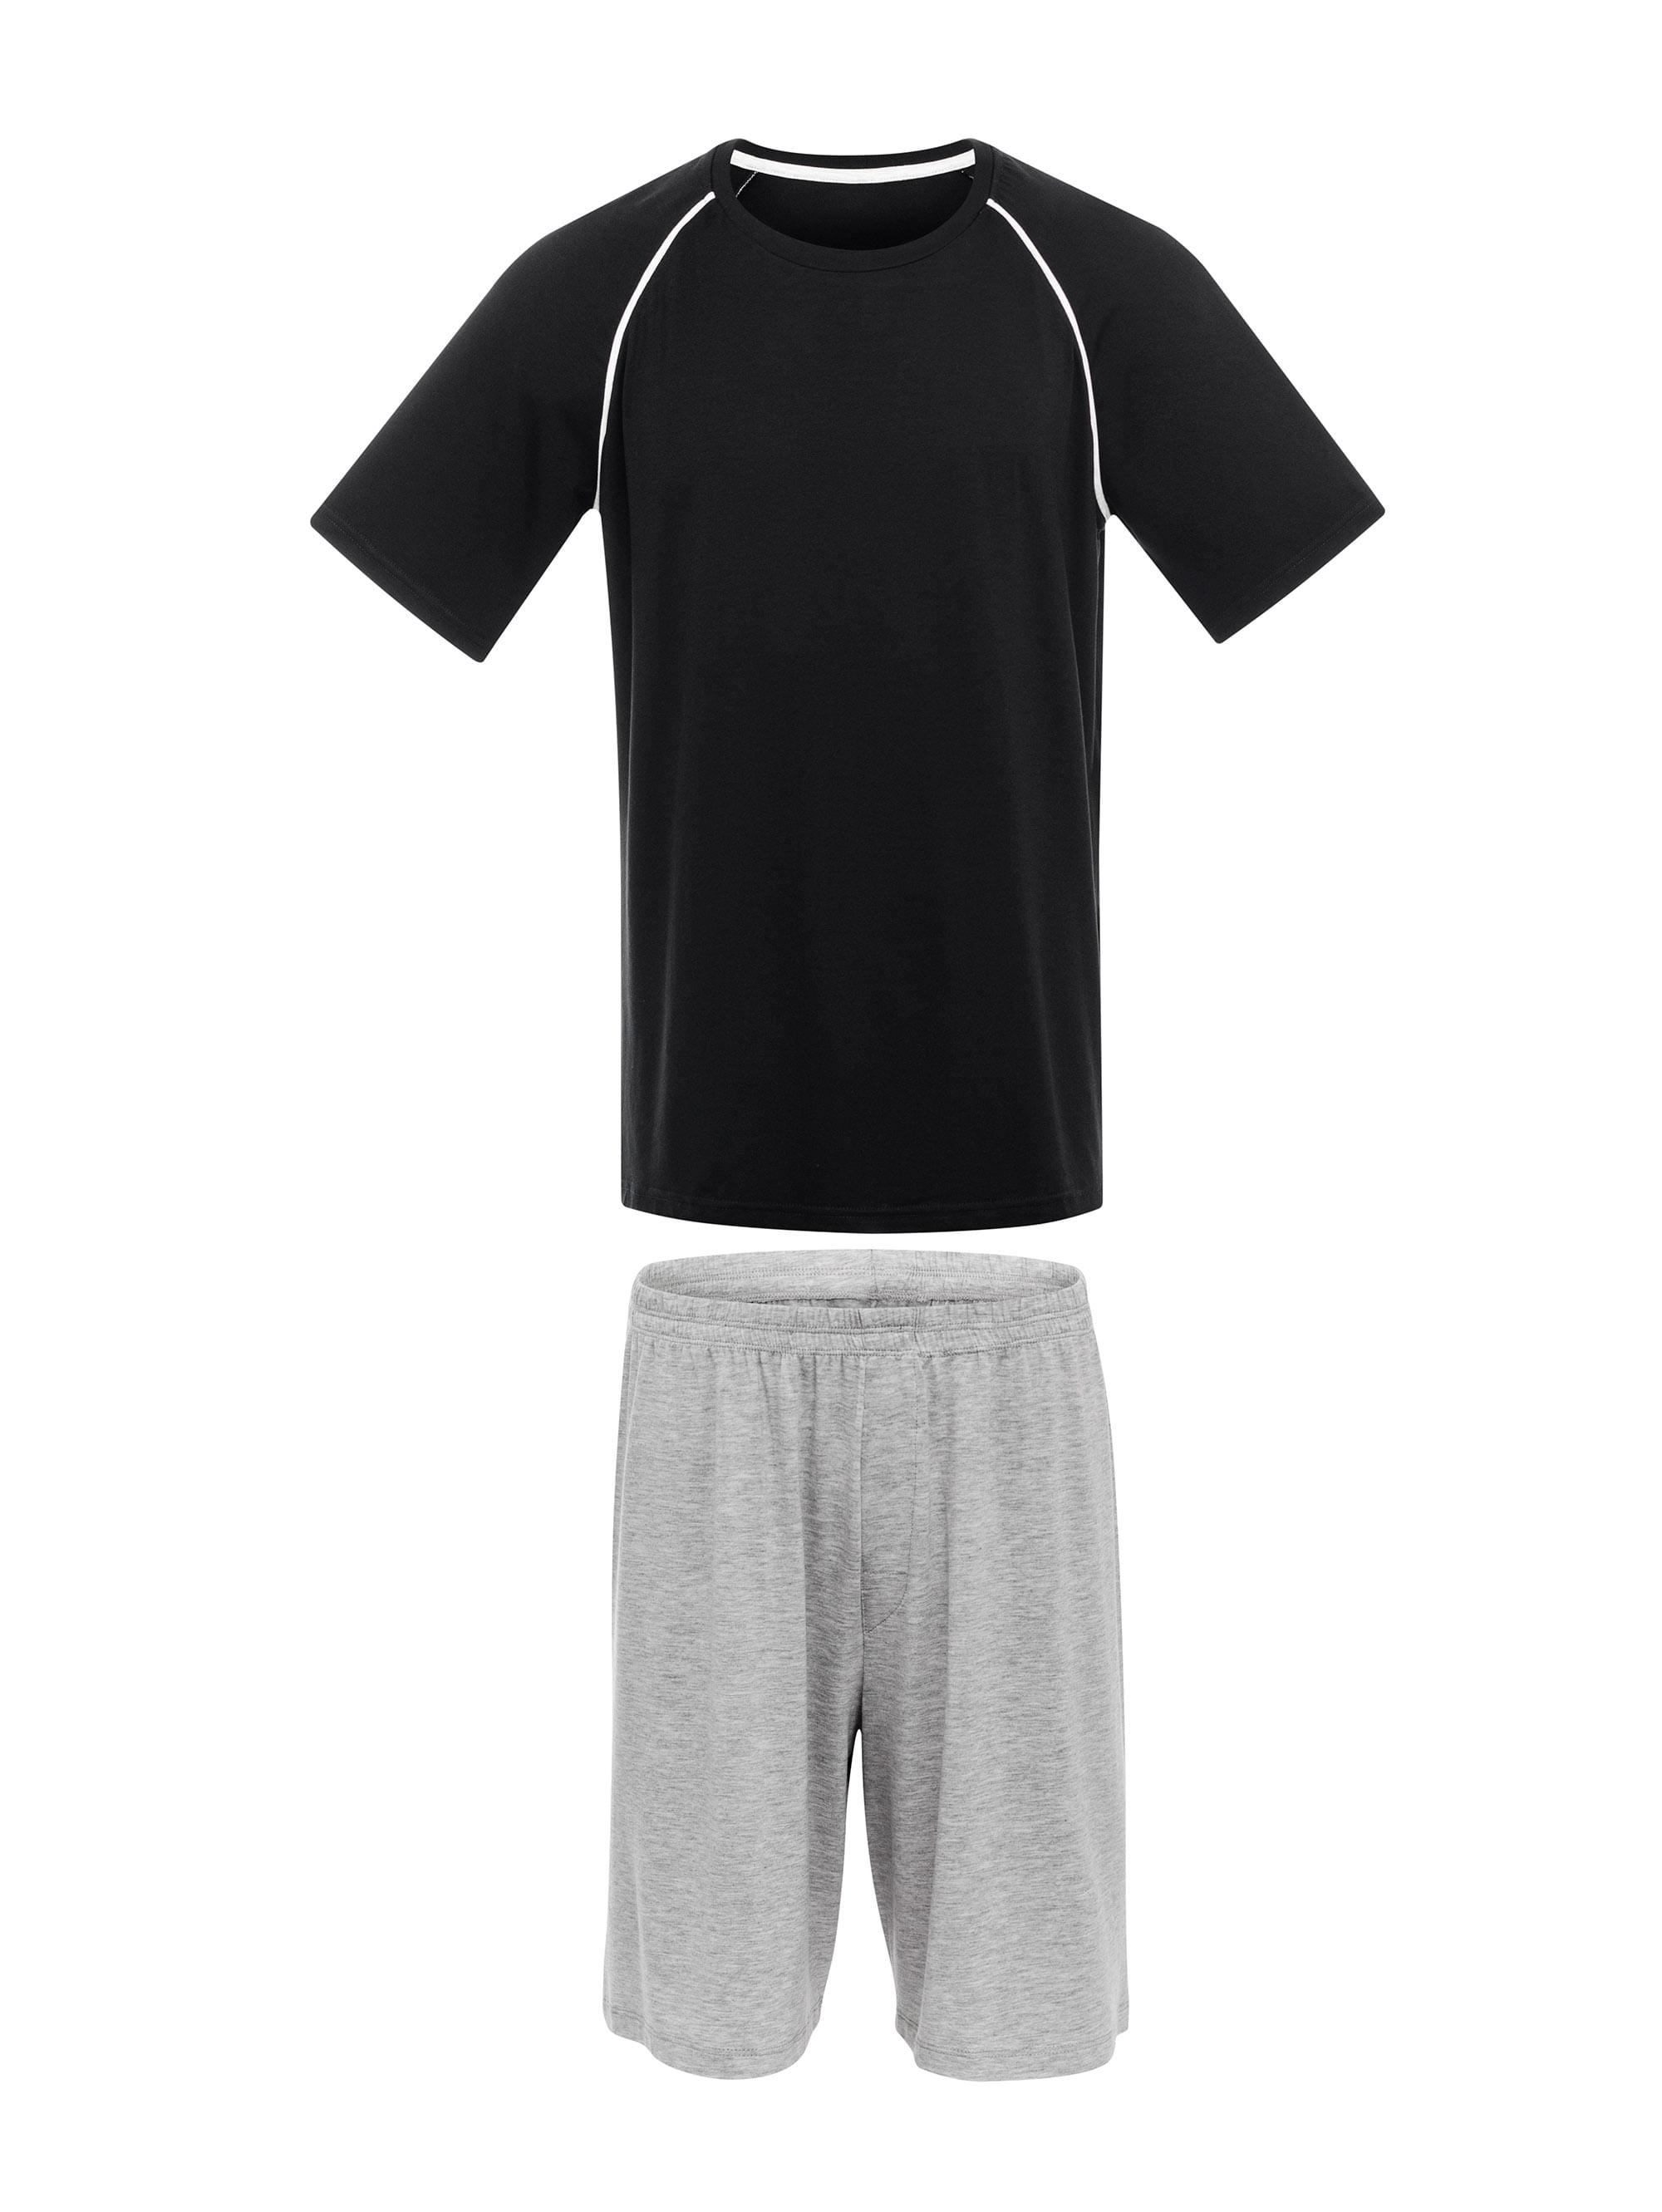 Pijama-Curto--Manga-Curta--M--Passat---OUT---04.02.0768